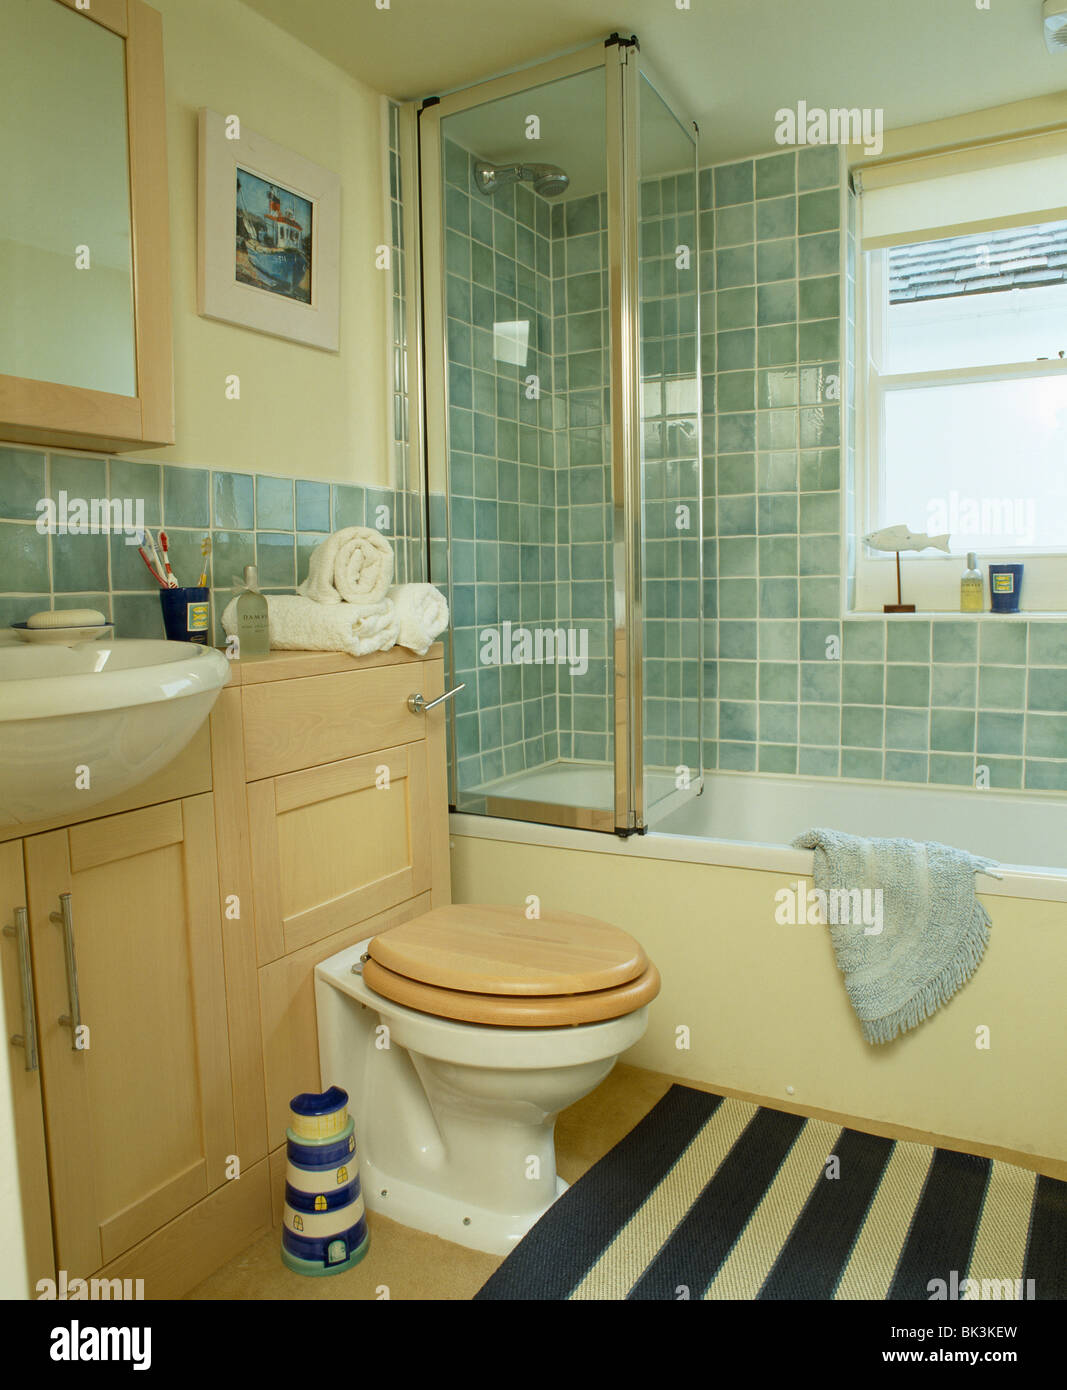 Bad mit Glas Dusche-Faltwand in Türkis geflieste Badezimmer mit ...